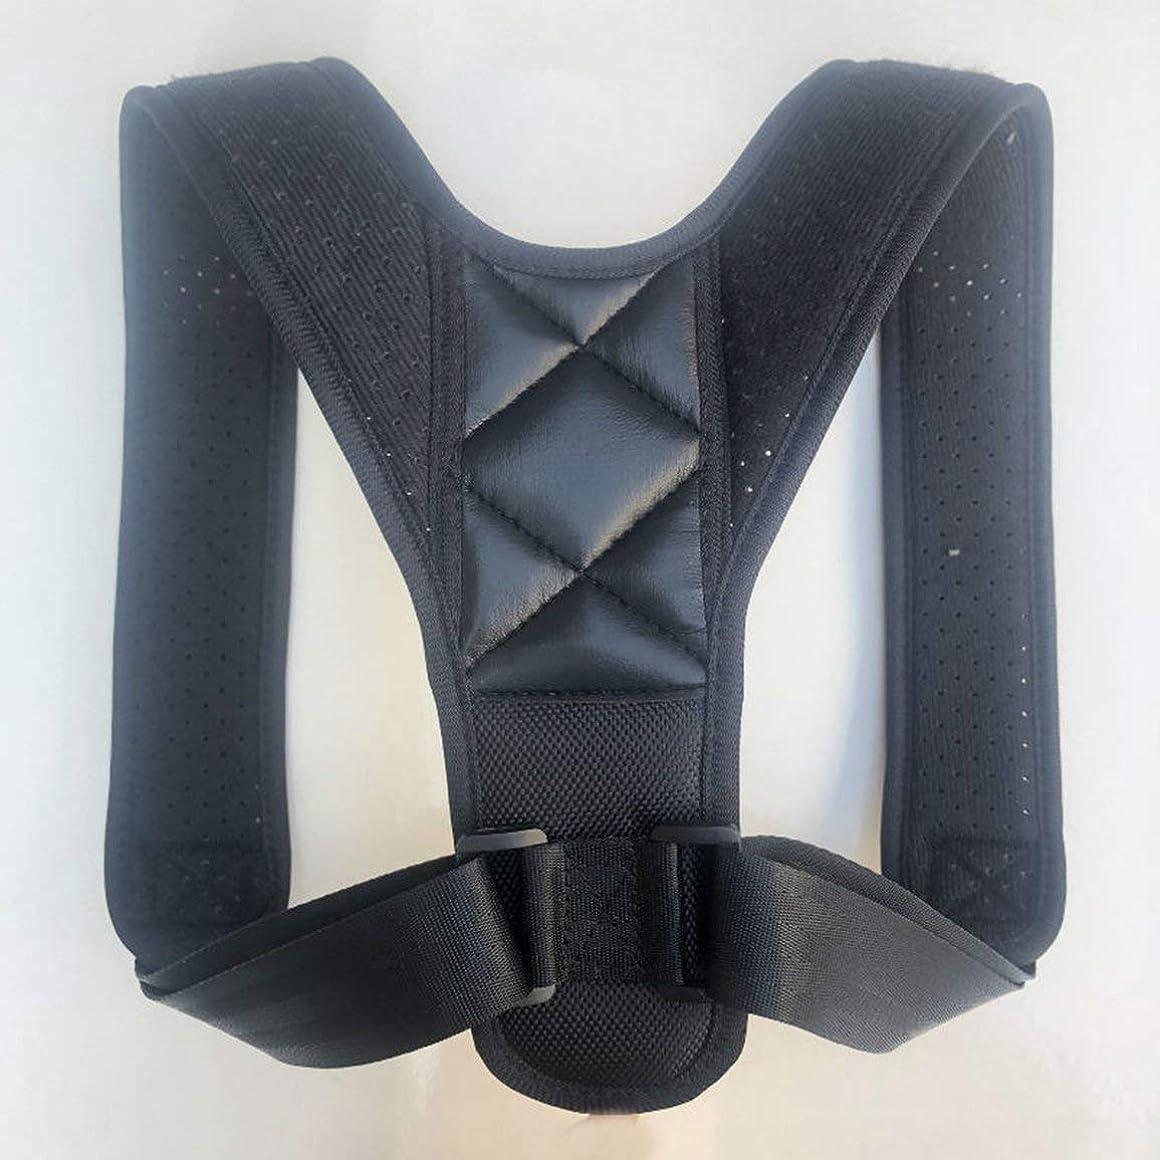 権限シール介入するアッパーバックポスチャーコレクター姿勢鎖骨サポートコレクターバックストレートショルダーブレースストラップコレクター - ブラック